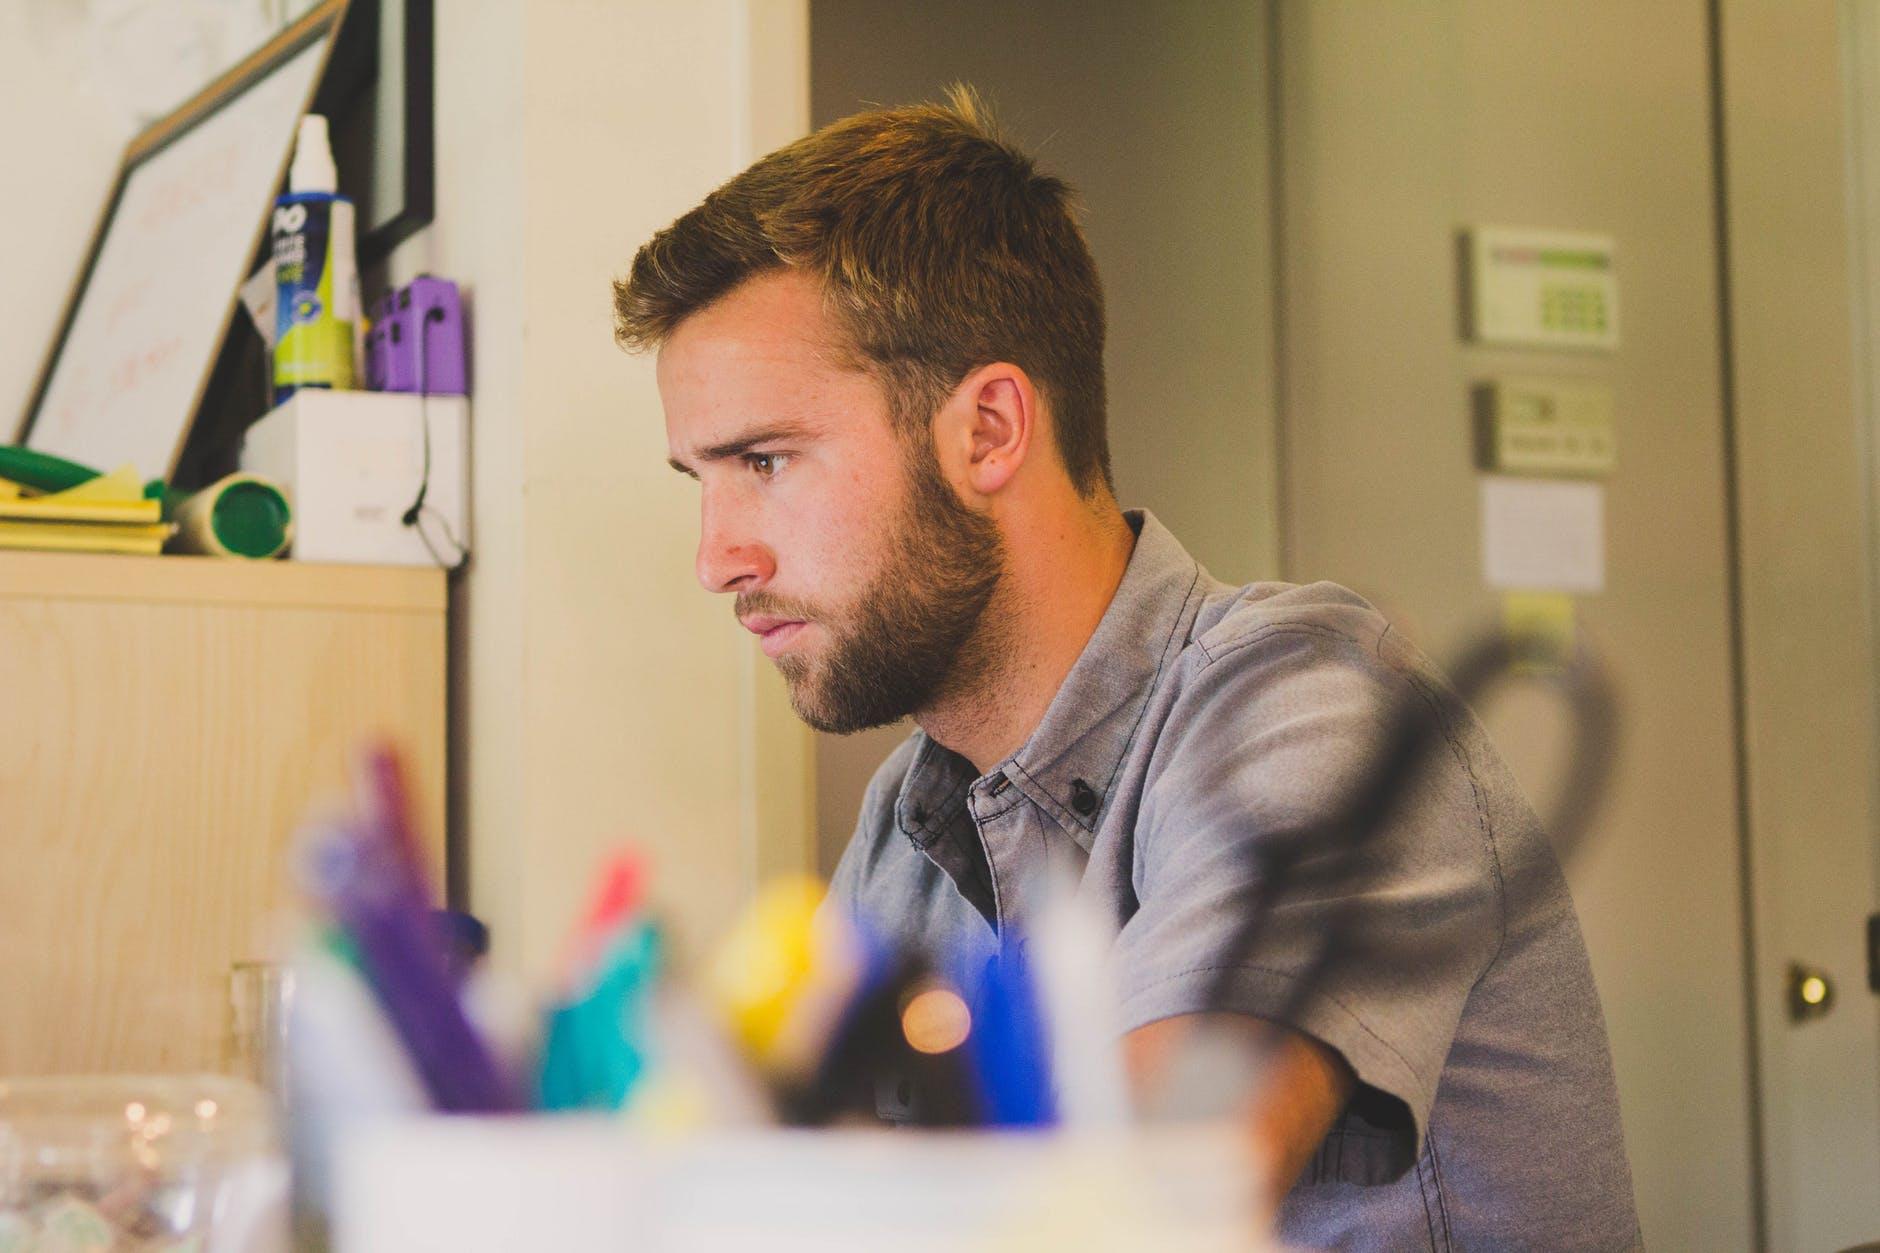 muskarac posao koncentracija paznja posao motivacija